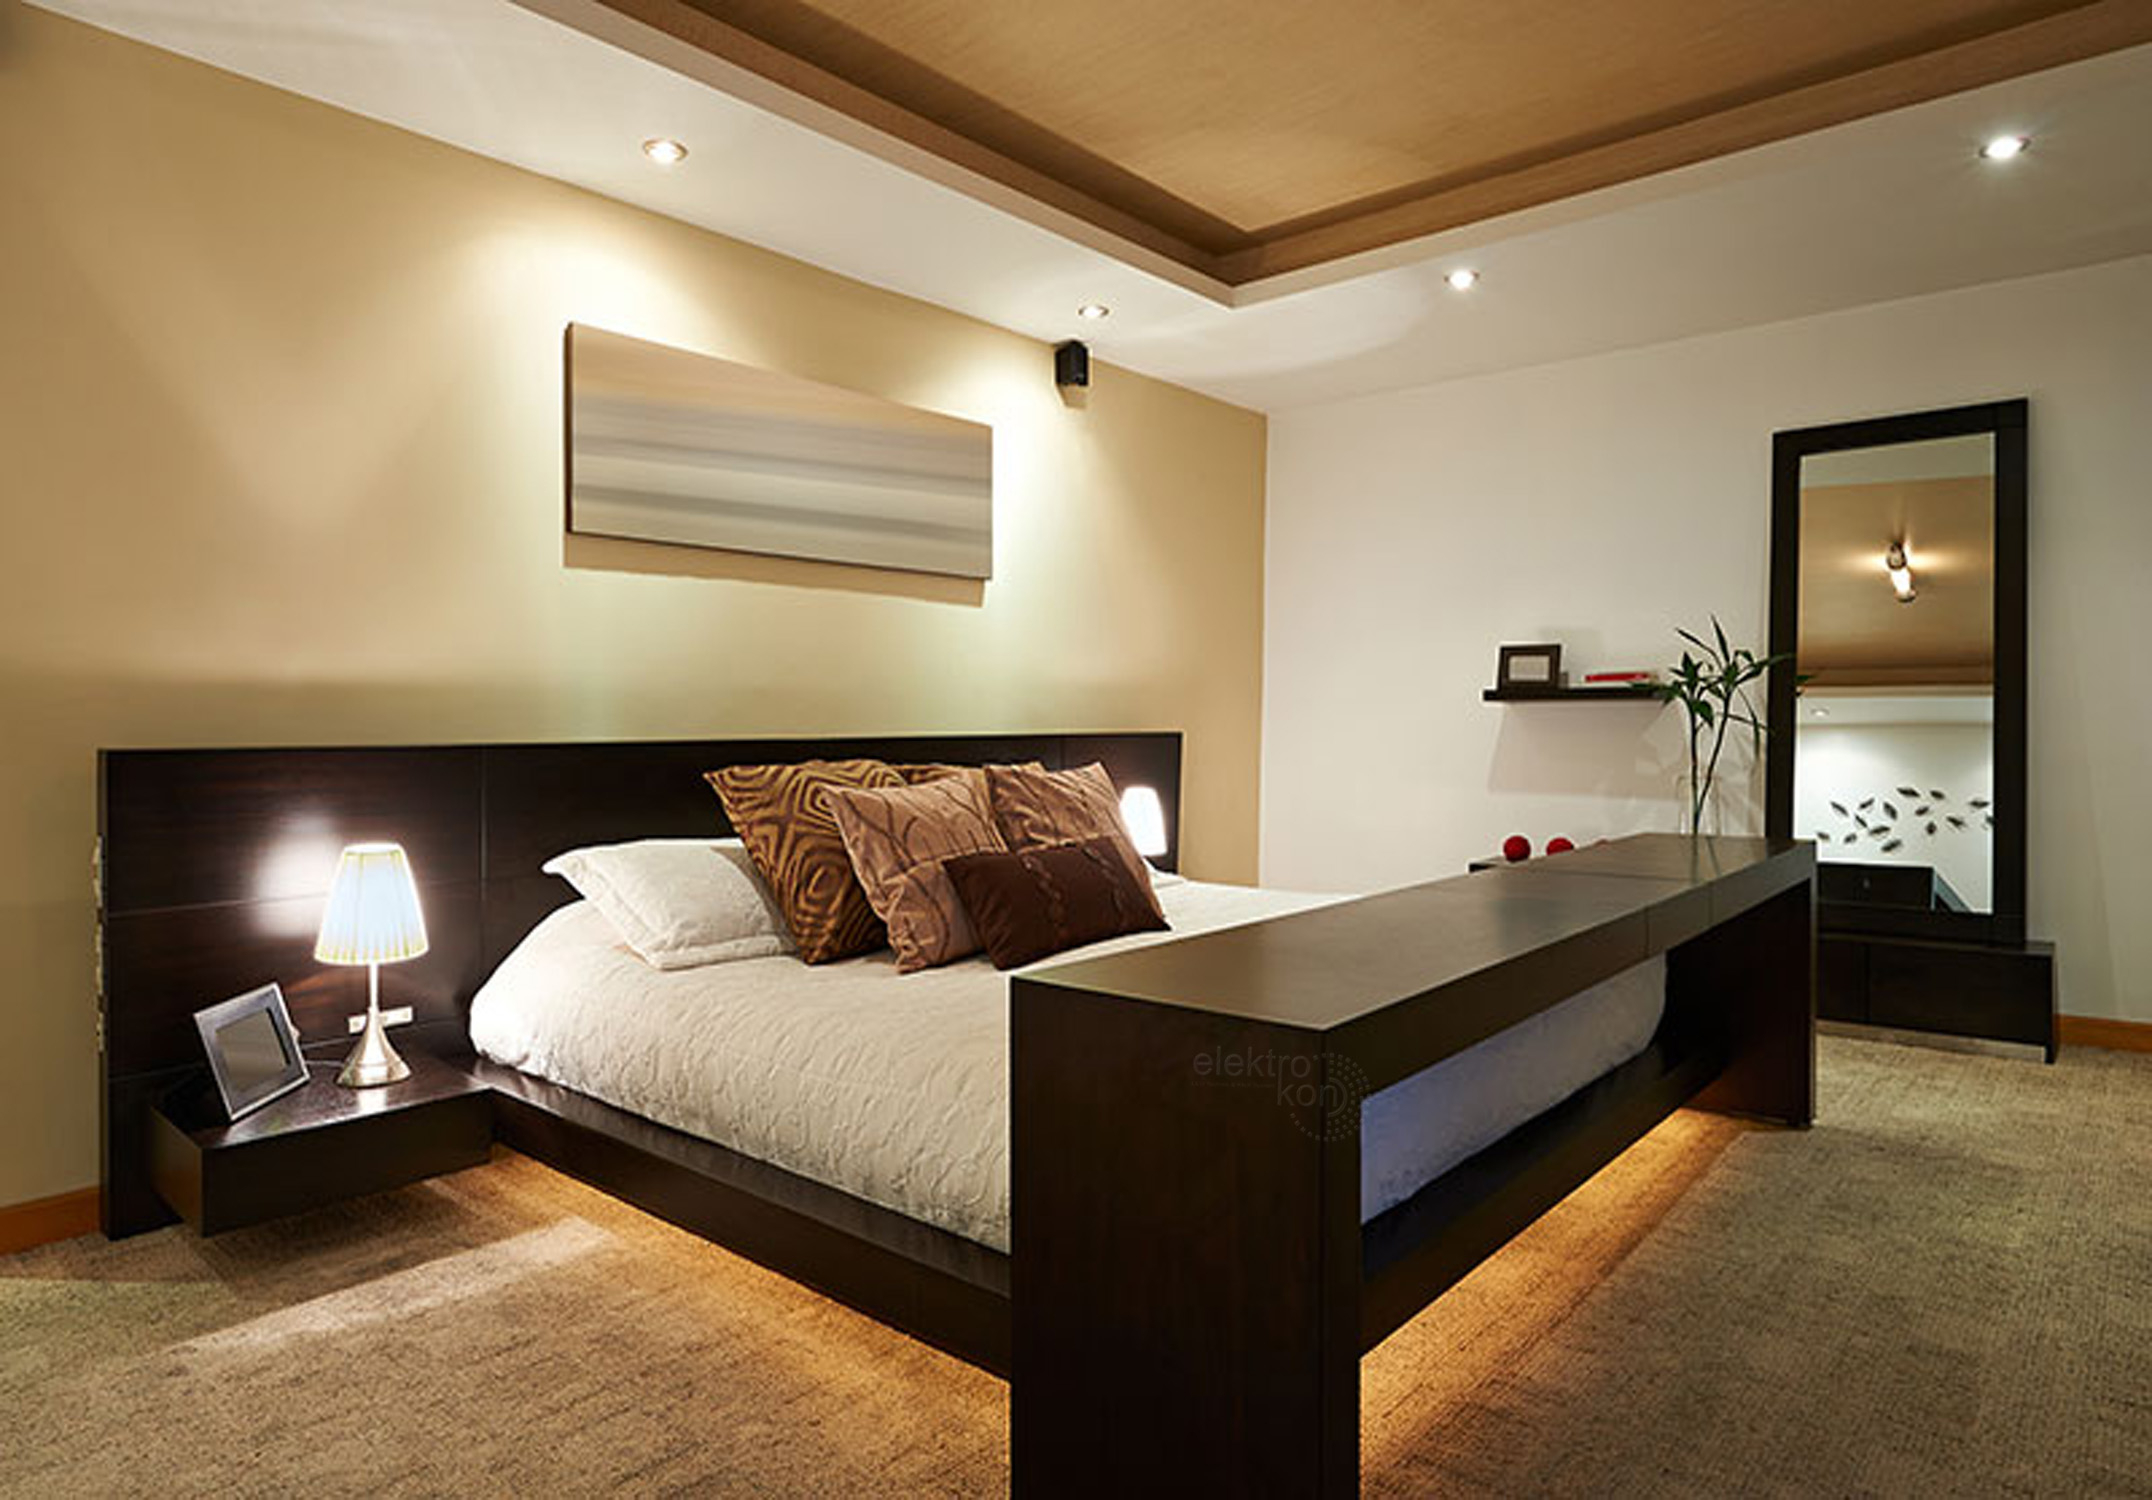 Schlafzimmer Decke Schimmel ~ Bild der Wahl über Inspiration von ...